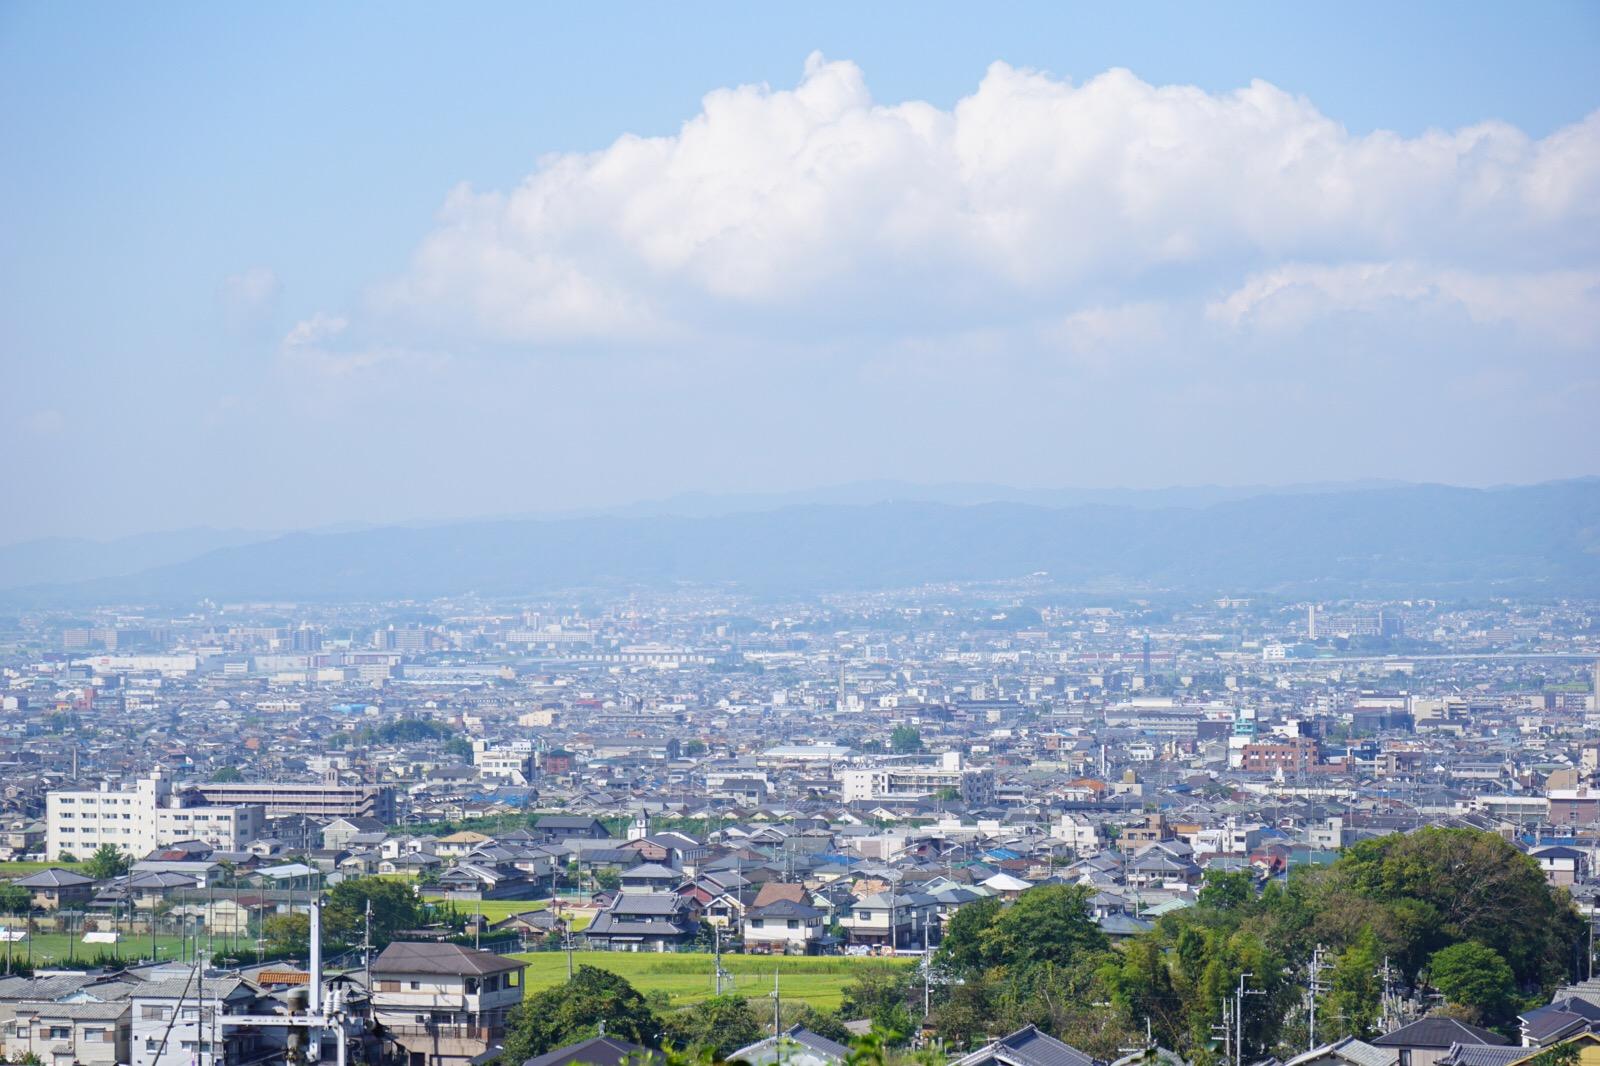 奈良市街が一望できます。